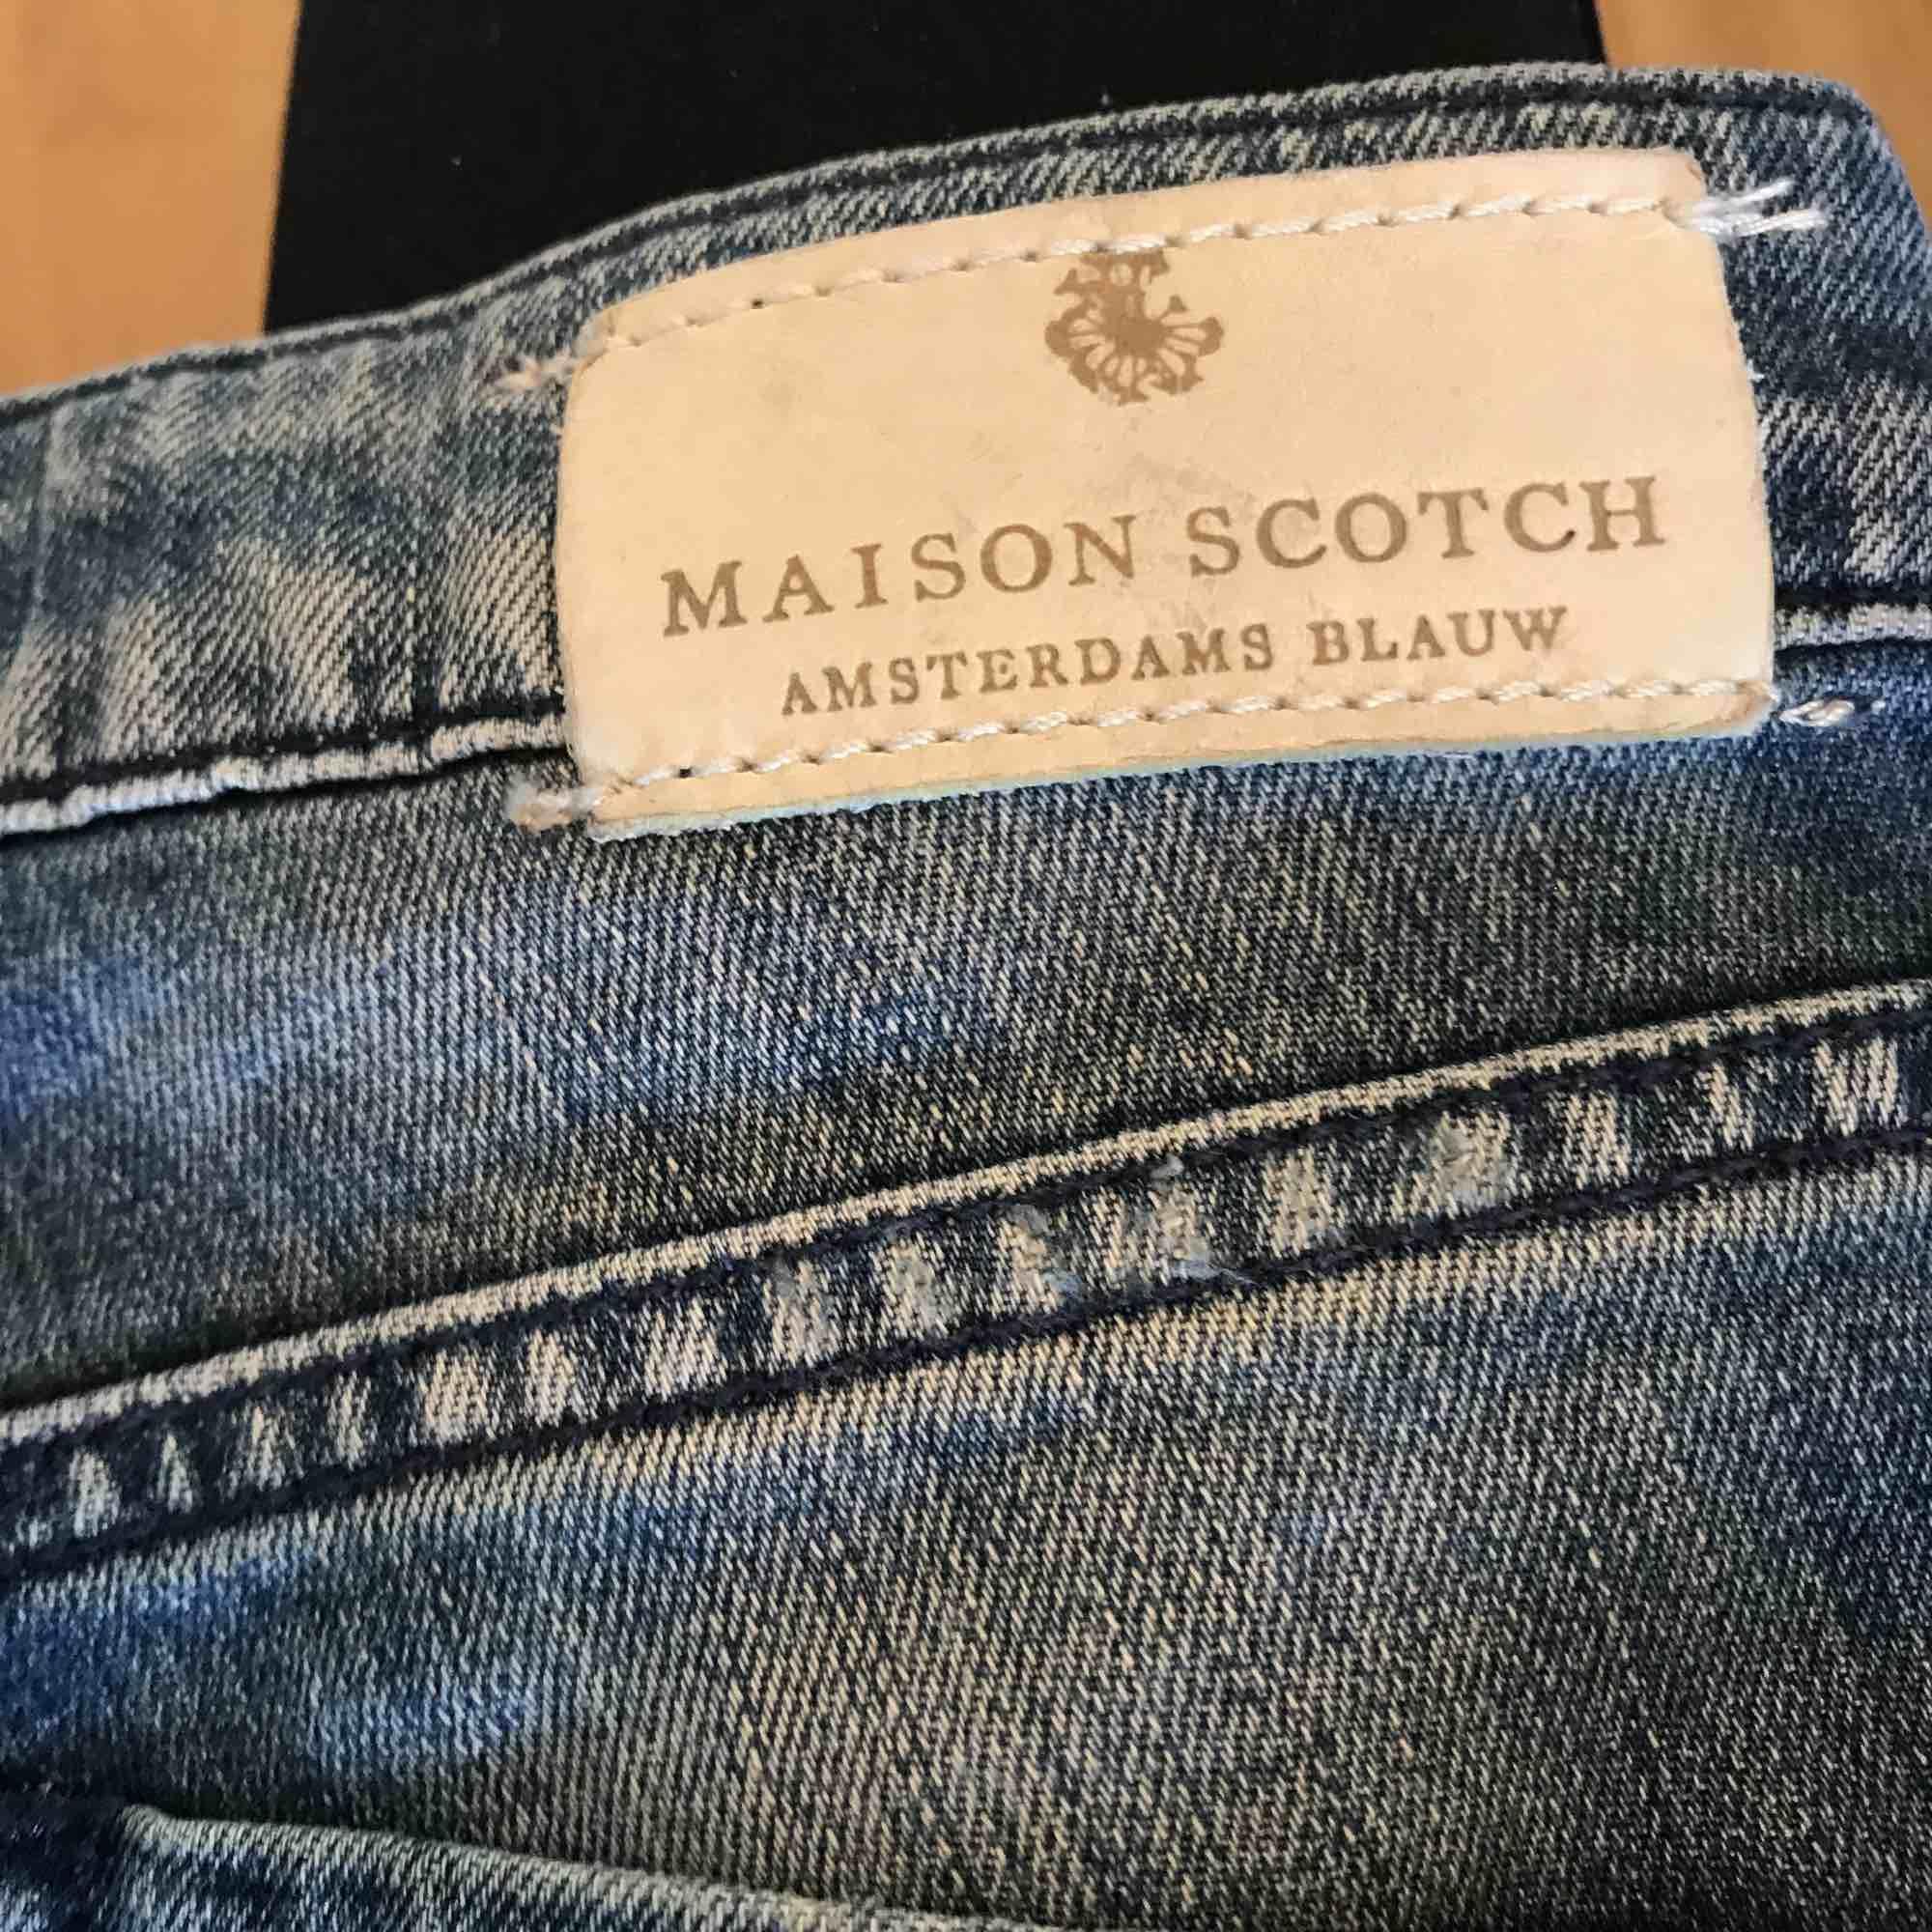 snygga, tighta jeans från Maison Scotch som sitter jättefint, nypris på de jeans ligger runt 1000kr. de är iprincip aldrig använda, alltså i nyskick. köparen står för frakt, fler bilder kan fixas om det önskas. Jeans & Byxor.